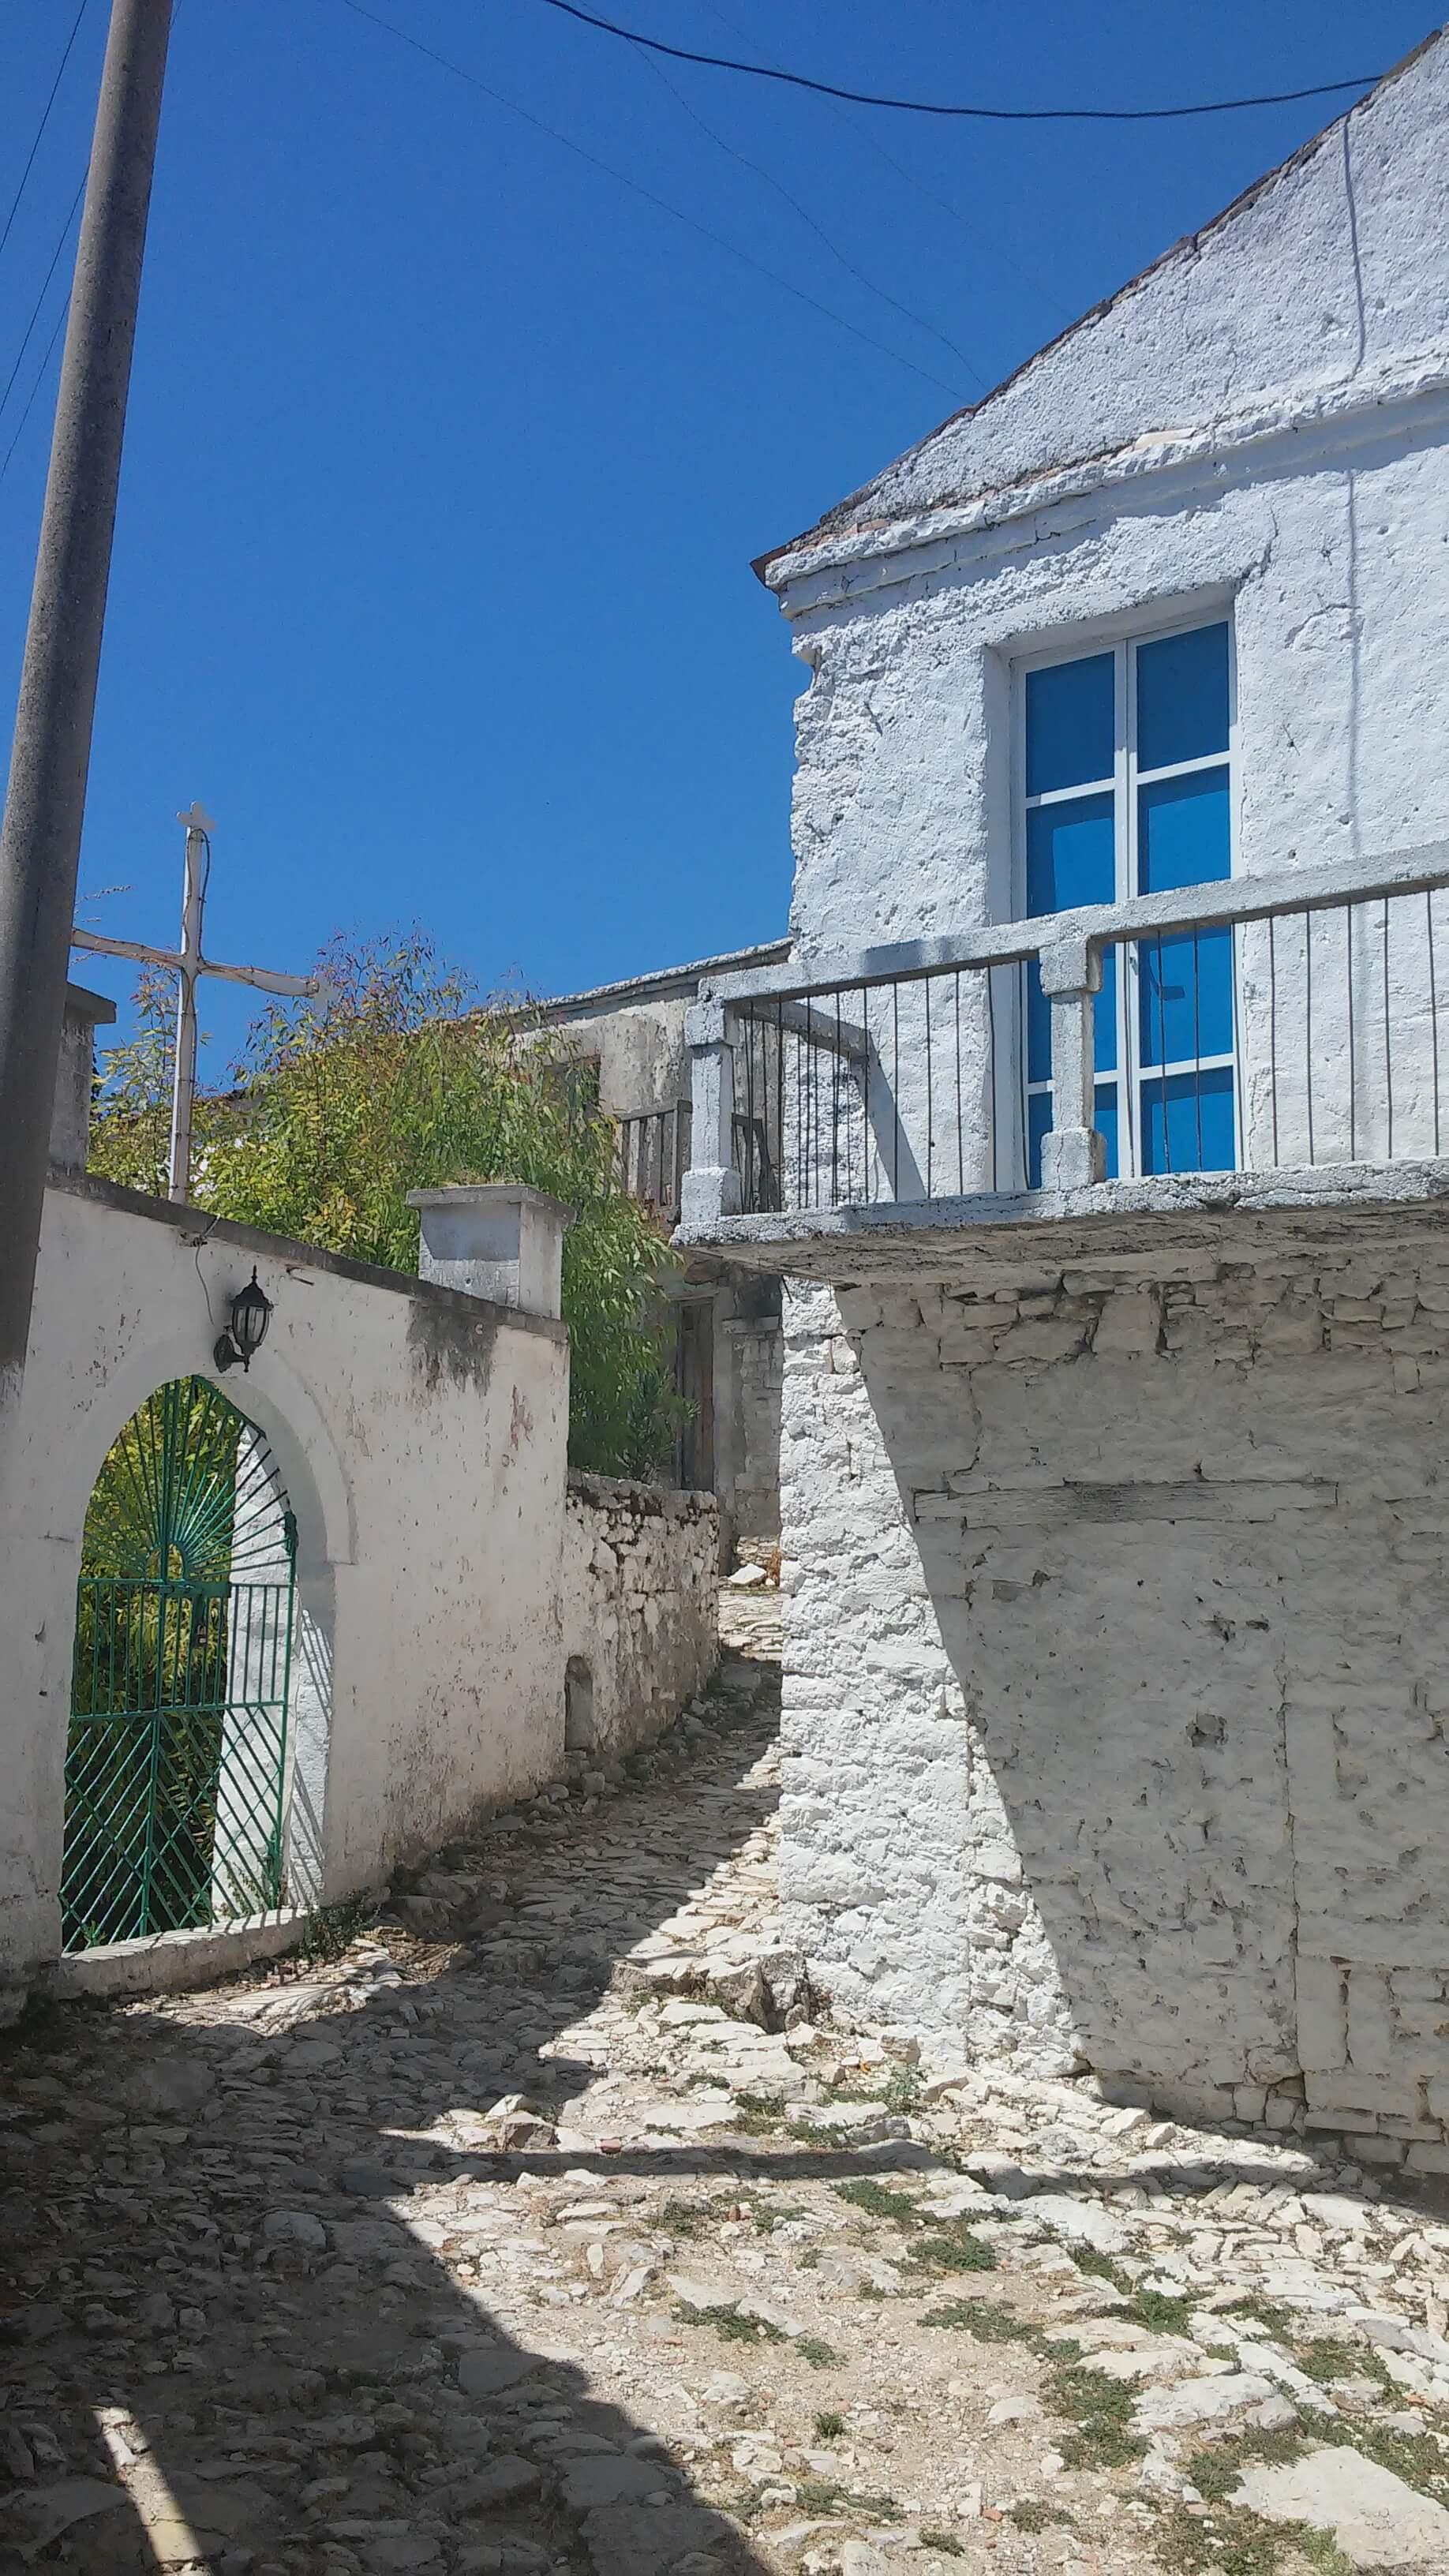 Qeparo Albania